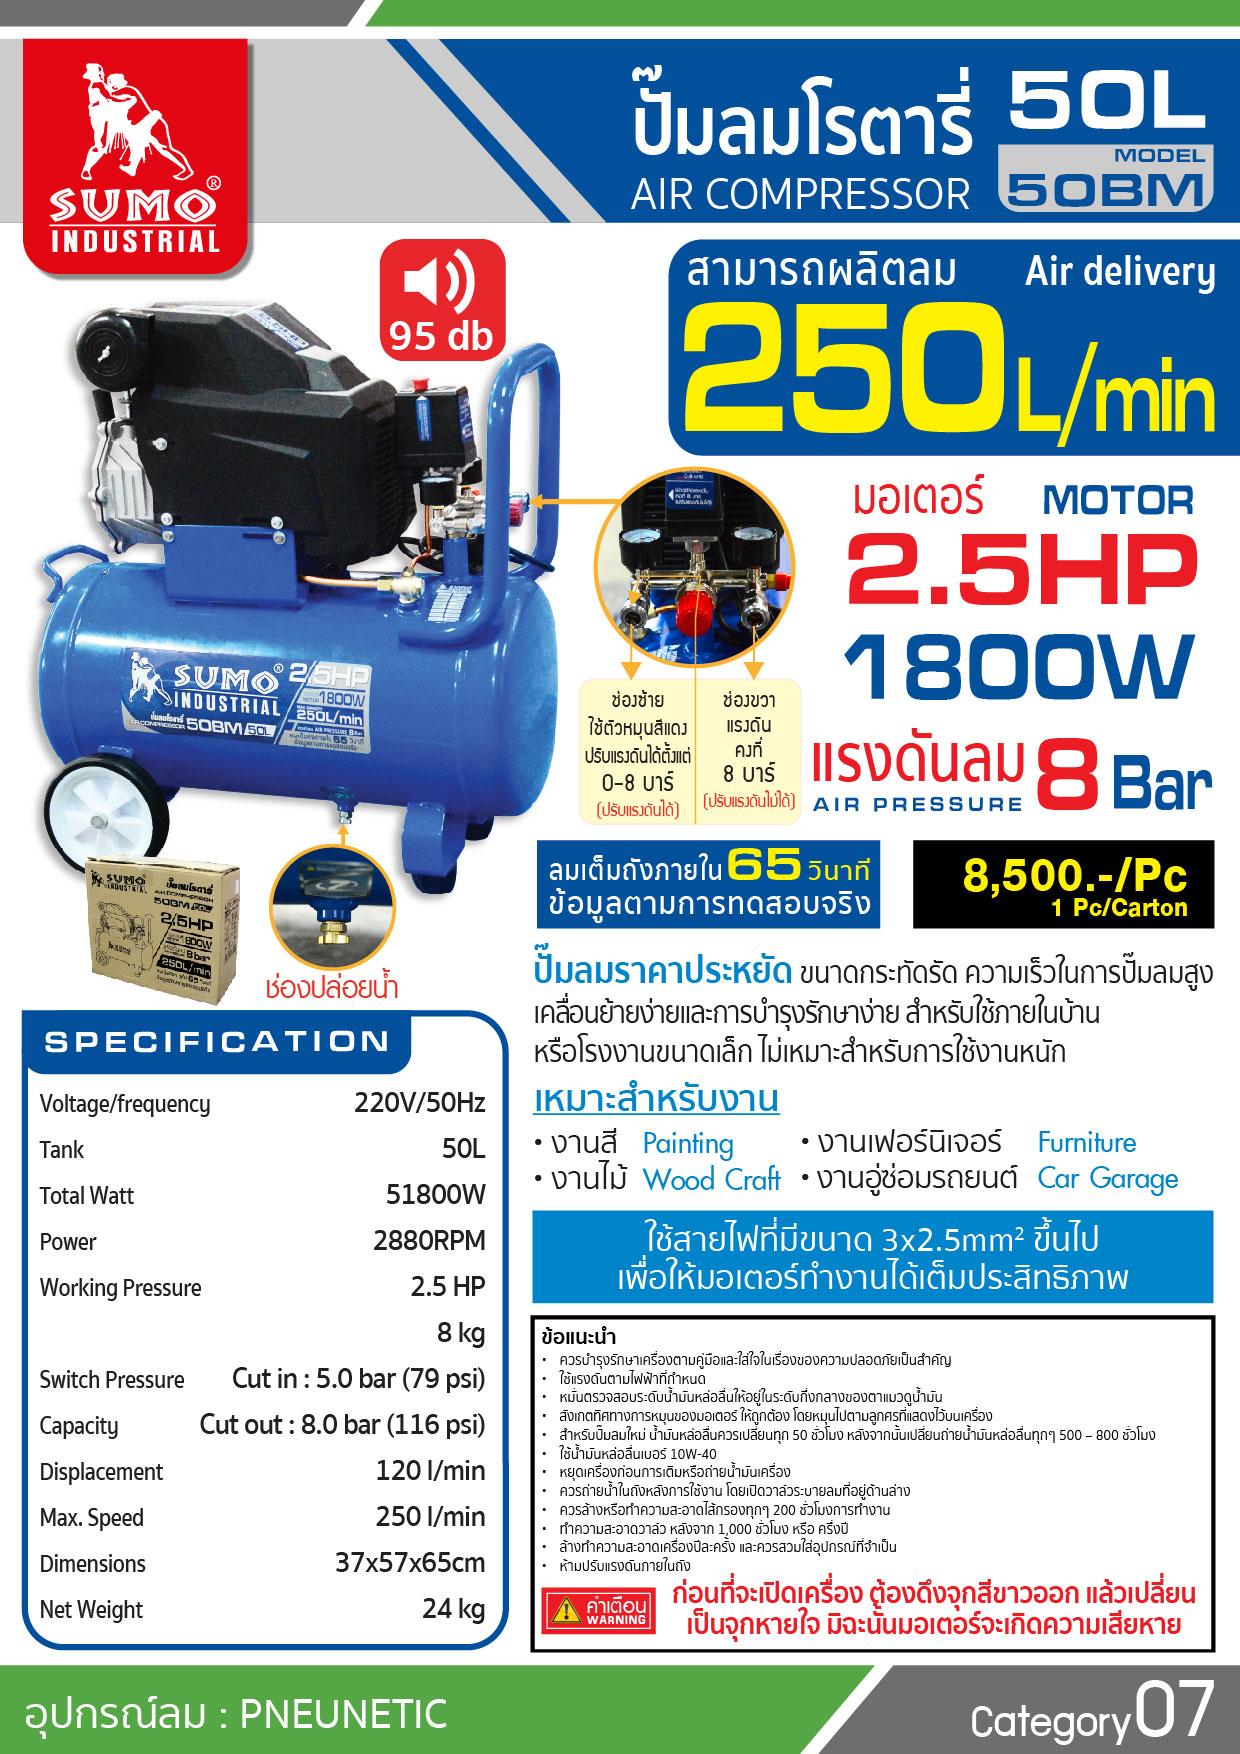 (5/27) ปั๊มลมโรตารี่ รุ่น BM50 ขนาด 50 ลิตร